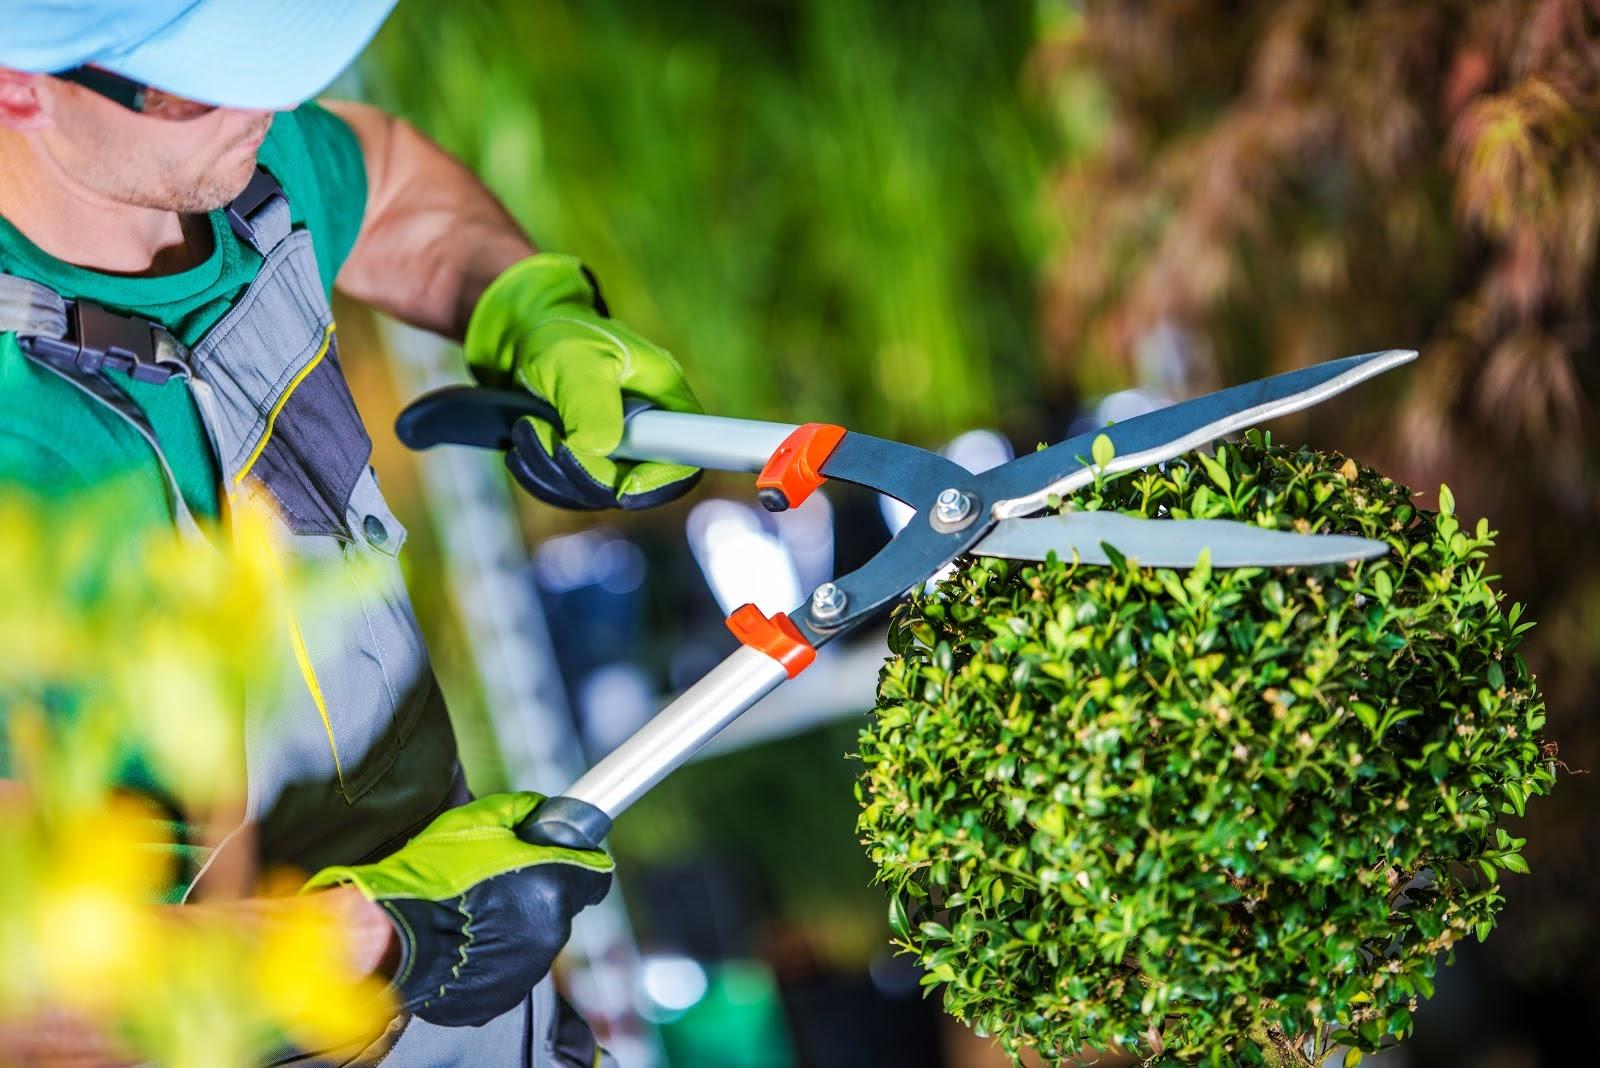 خدمات باغبانی، یک ایده خوب و شاد برای کسب و کار